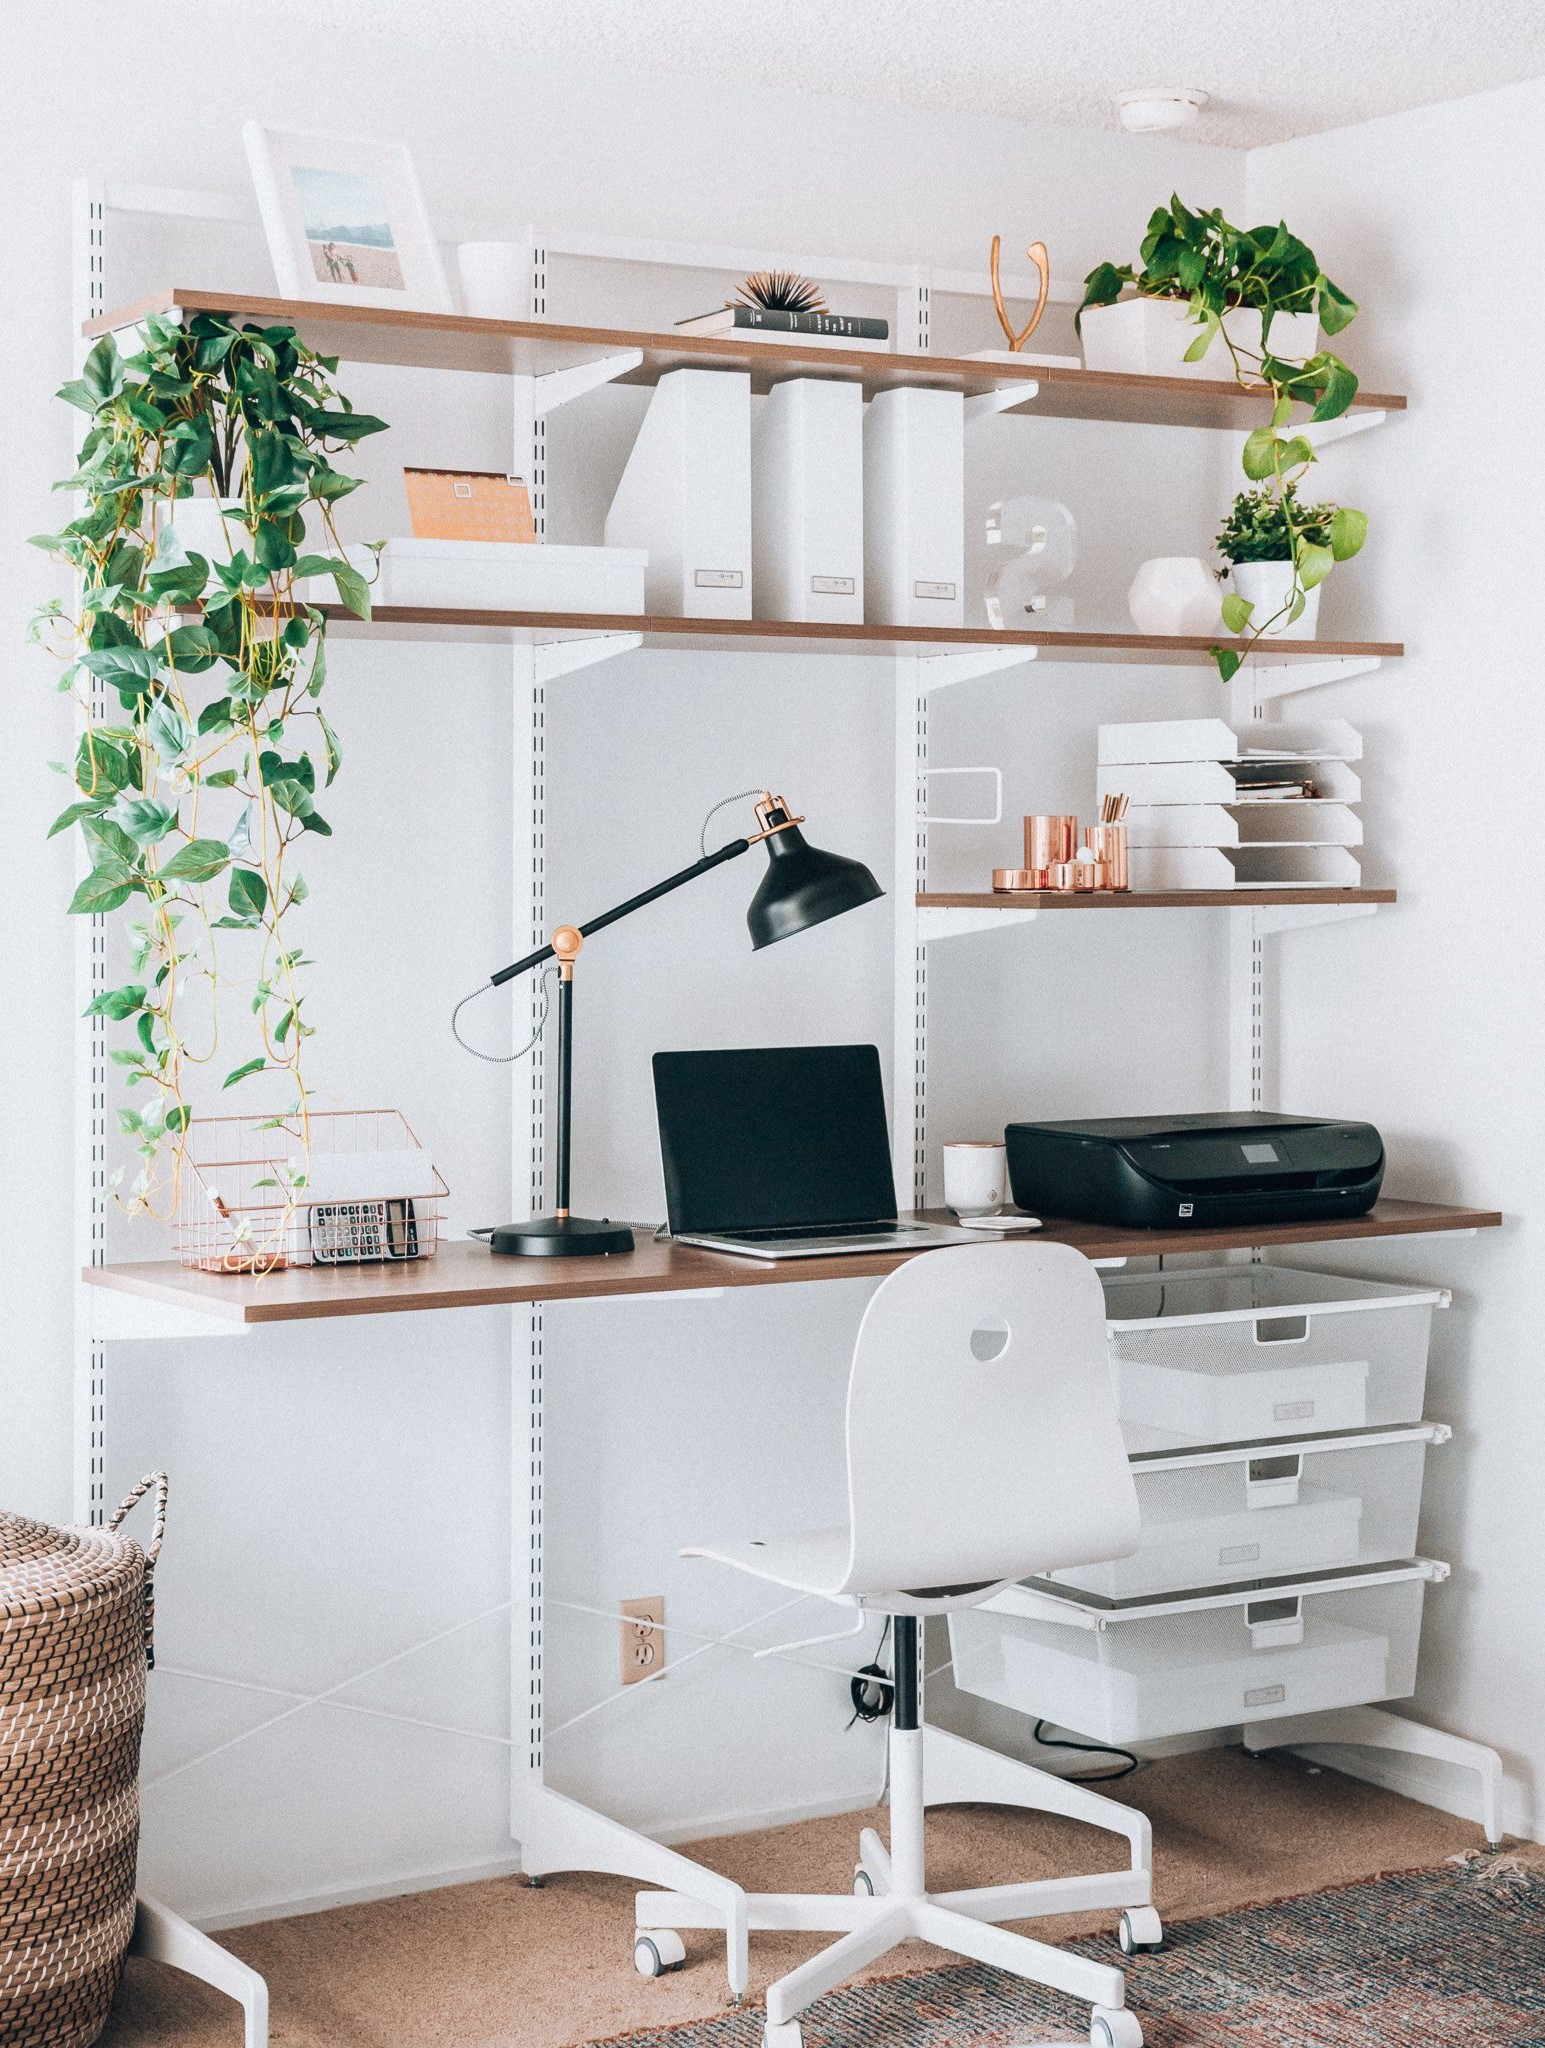 Le vert convient parfaitement si vous faites de votre mieux dans un environnement de travail calme.